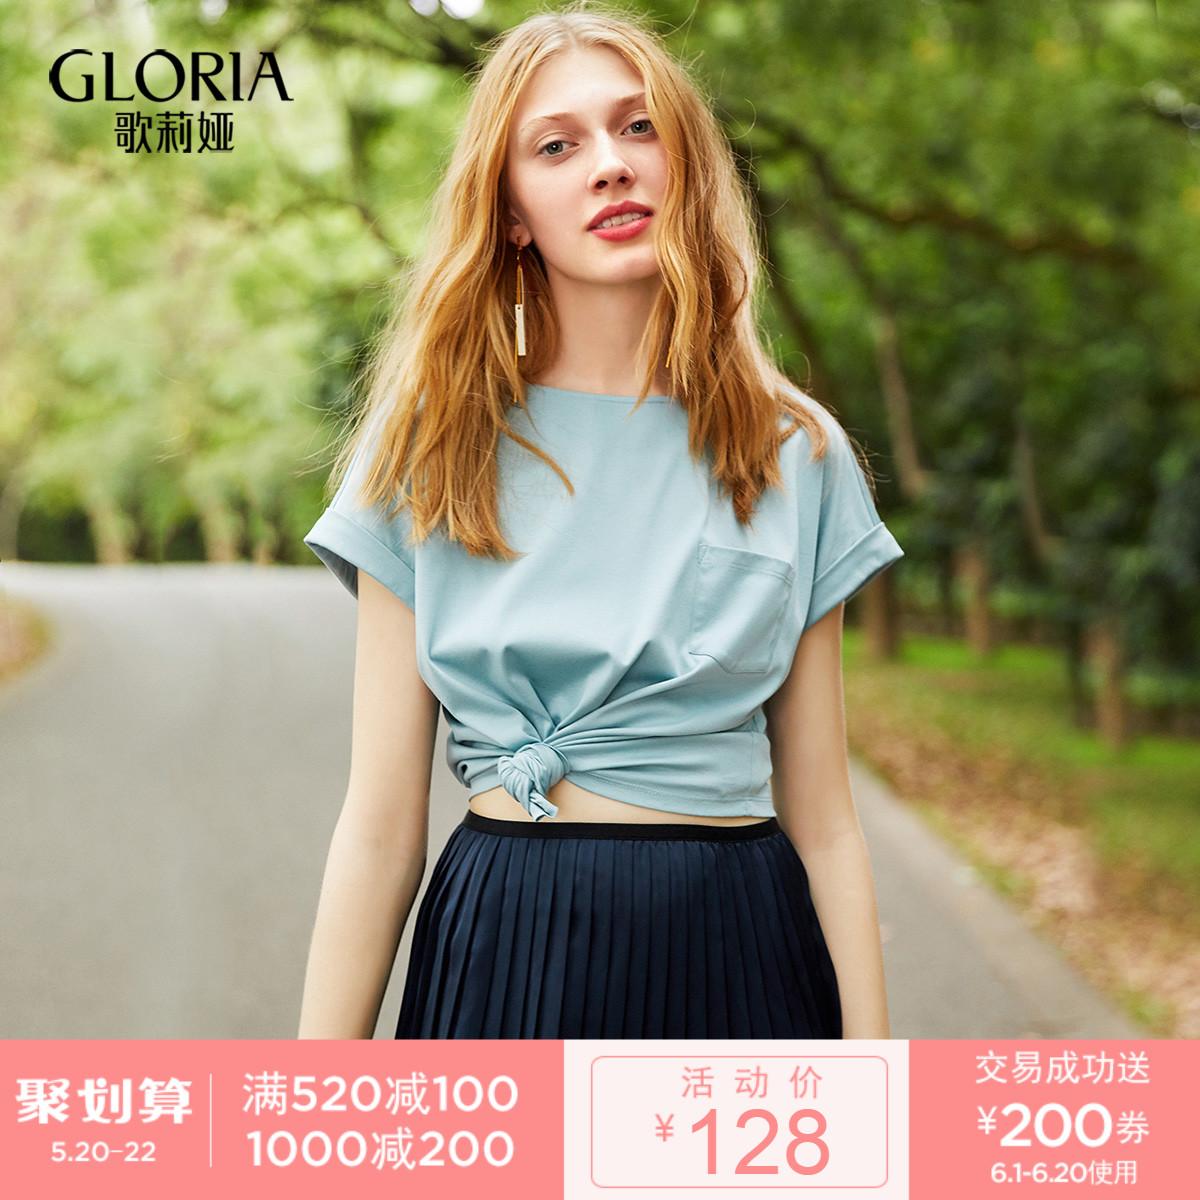 歌莉娅女装 GLORIA歌莉娅女装2018夏季新品全棉落肩多色T恤186E0A010_推荐淘宝好看的歌莉娅